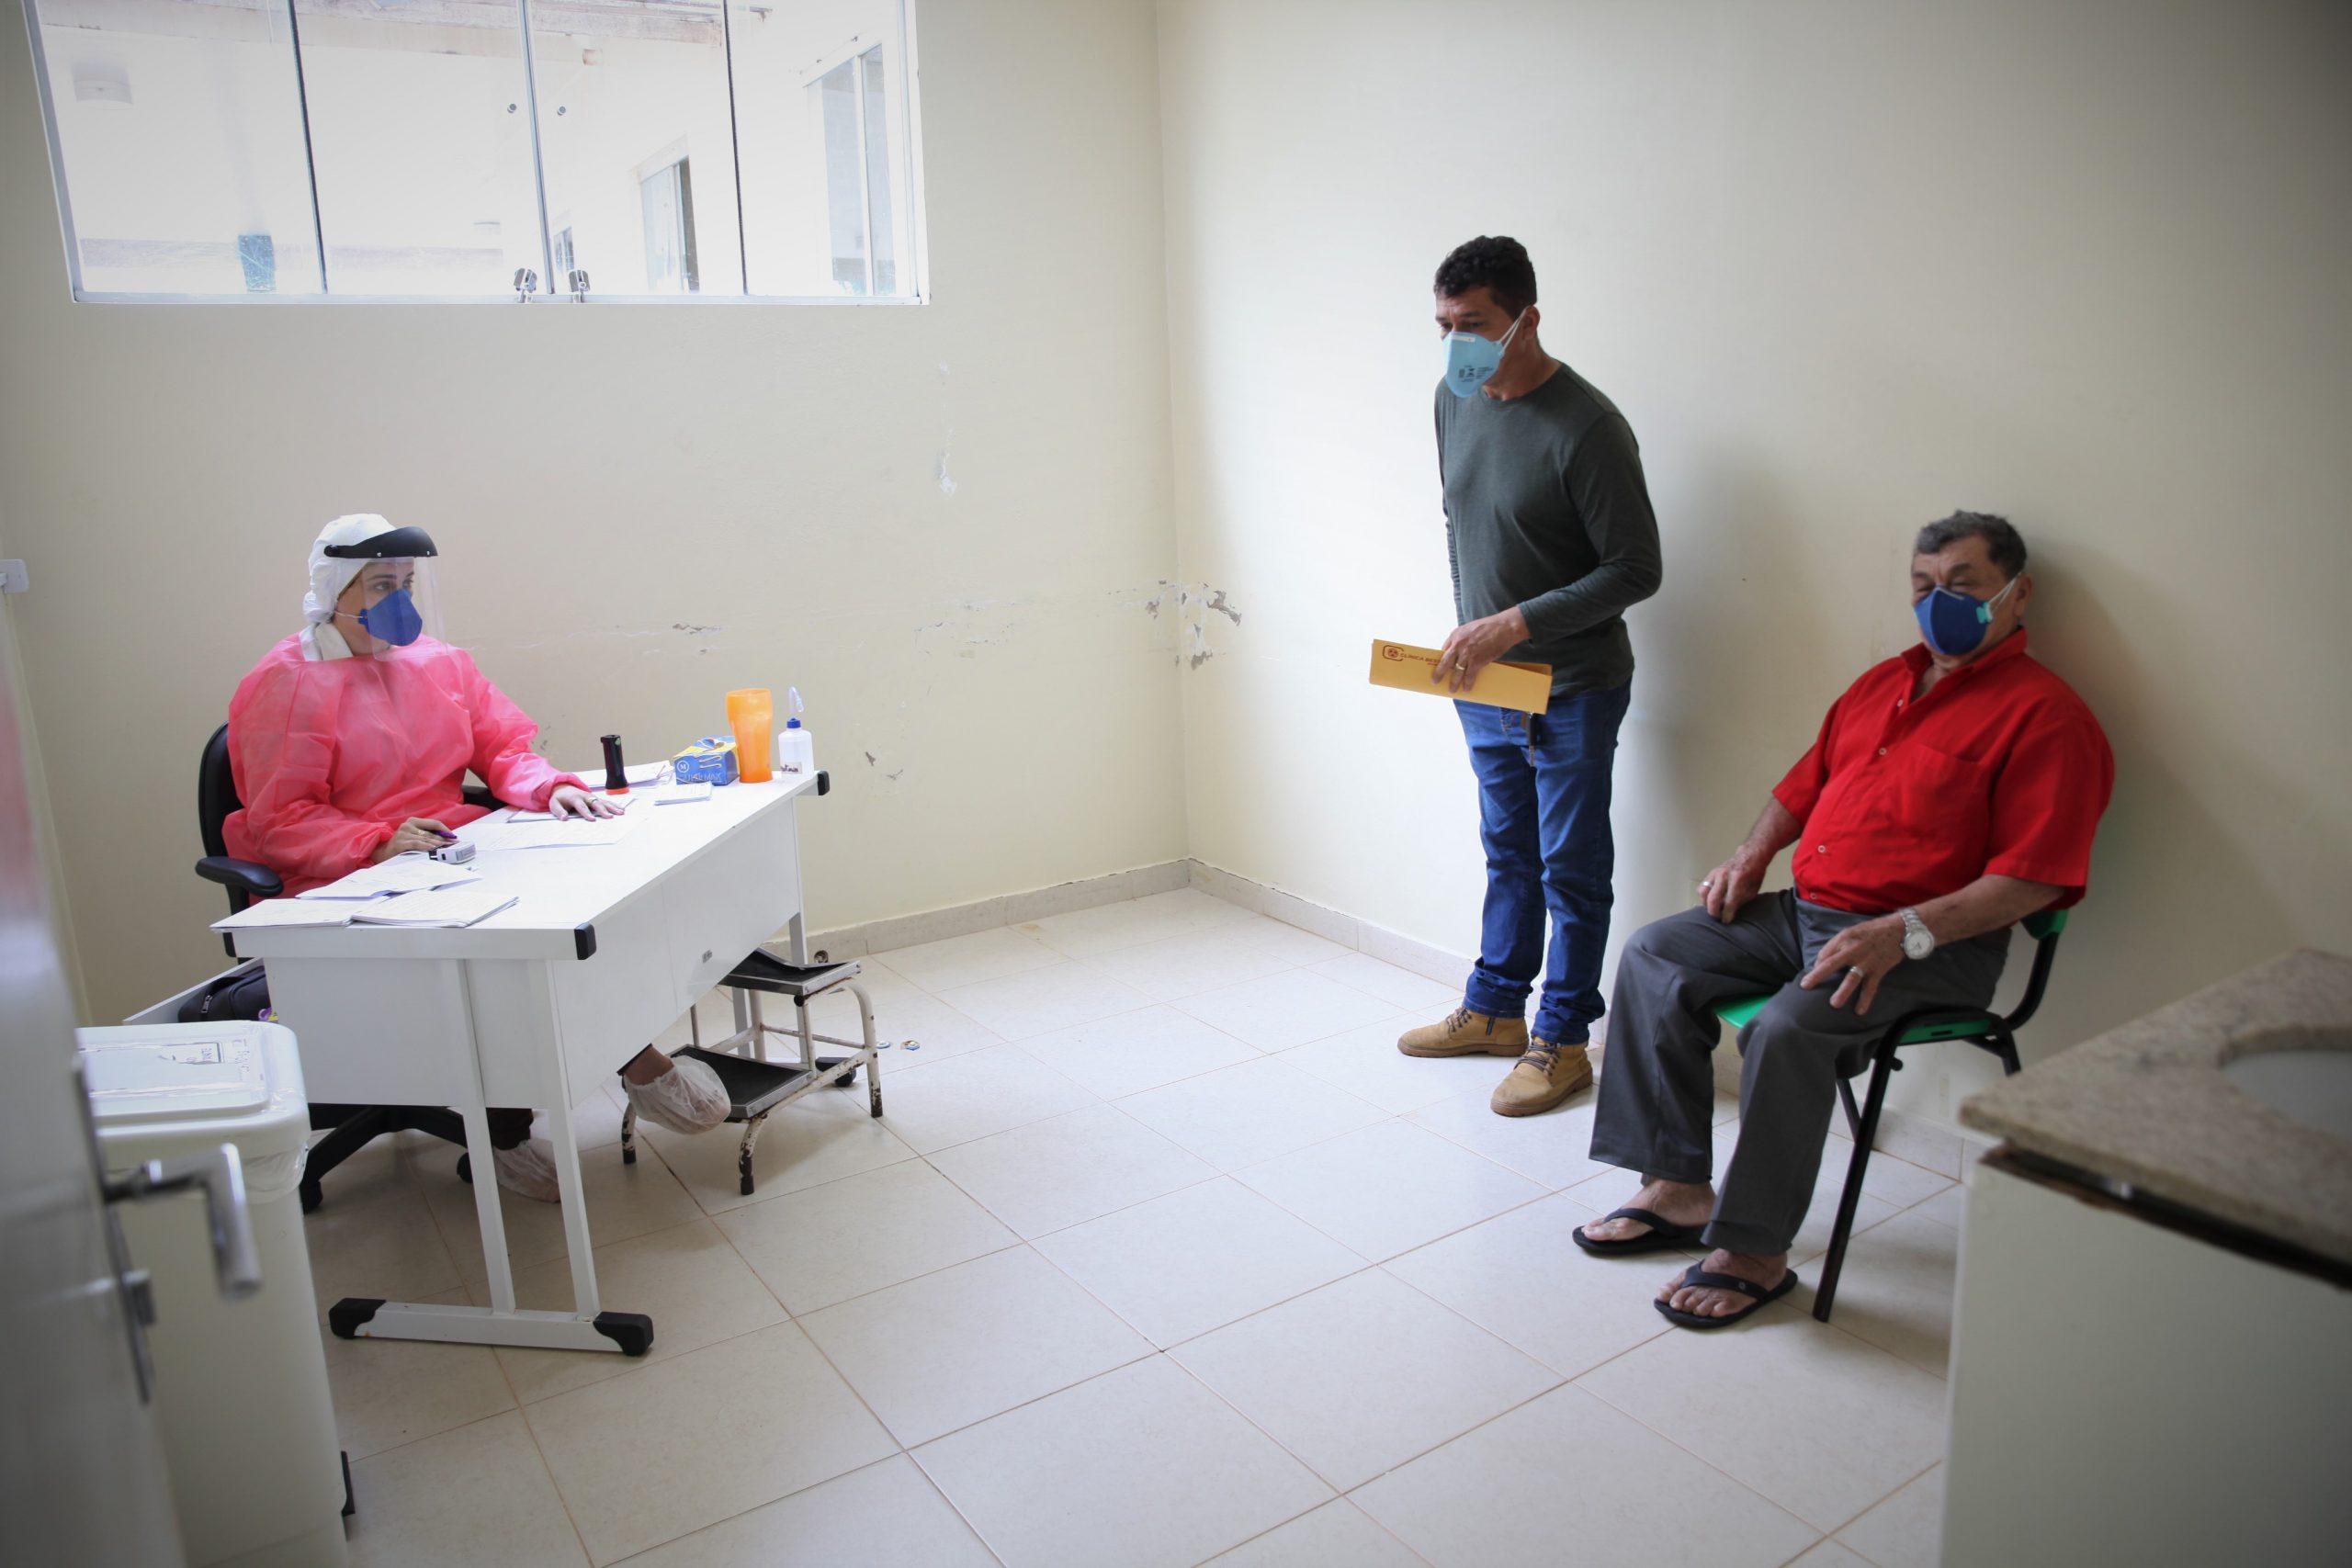 Plano de monitoramento visa reduzir internações de idosos e pacientes crônicos em UTIs Covid-19